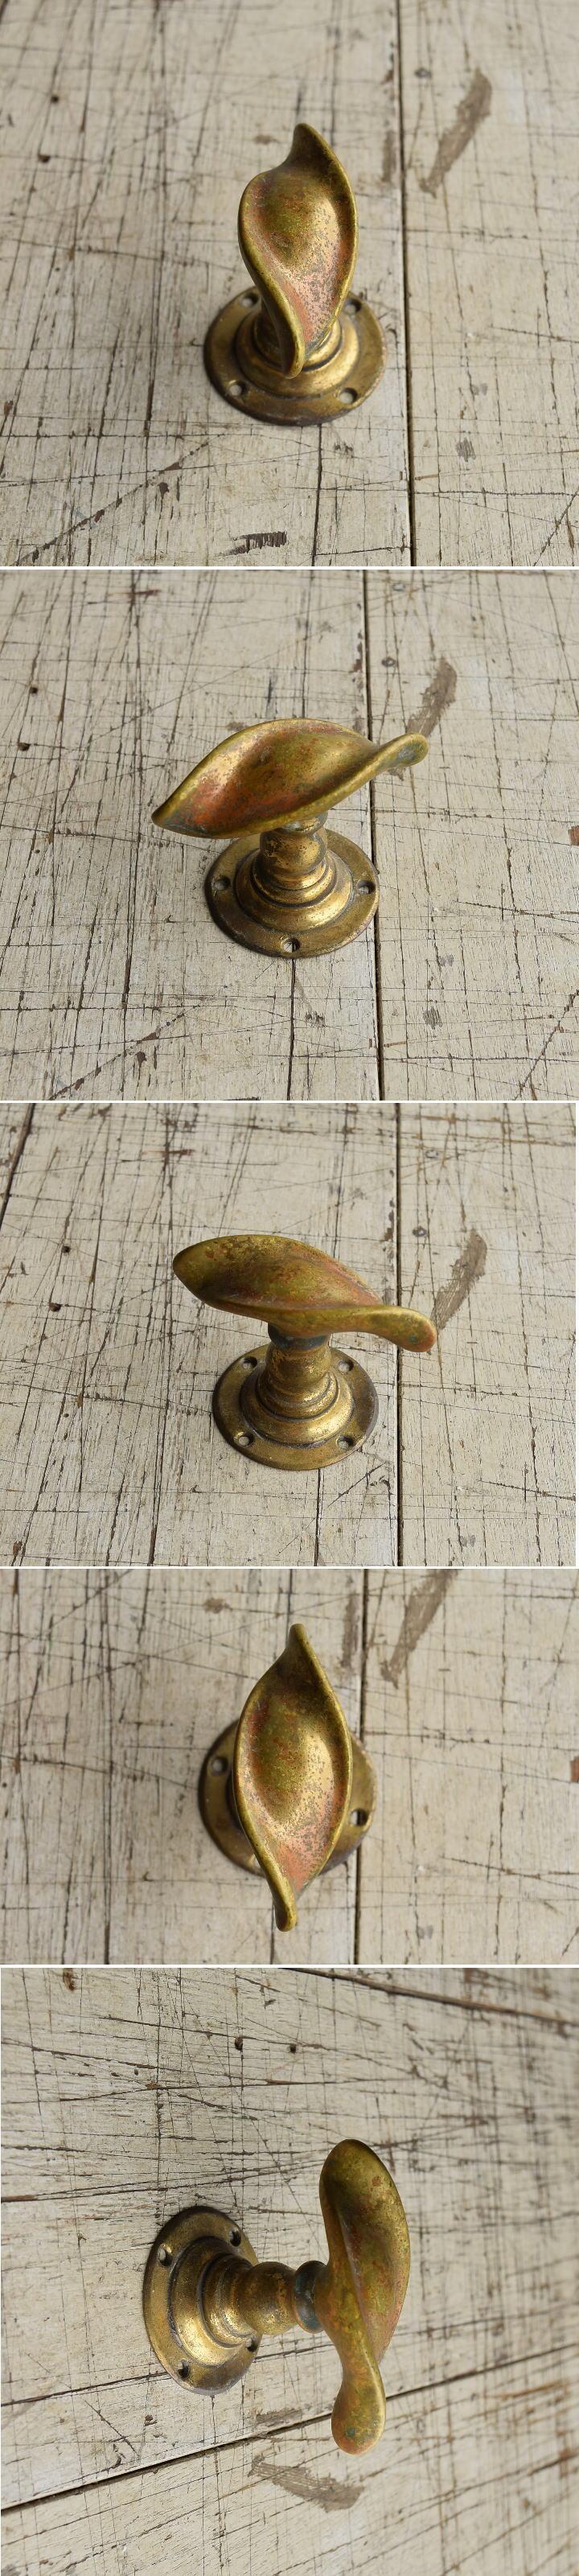 イギリス アンティーク 真鍮 ドアノブ 建具金物 握り玉 8745